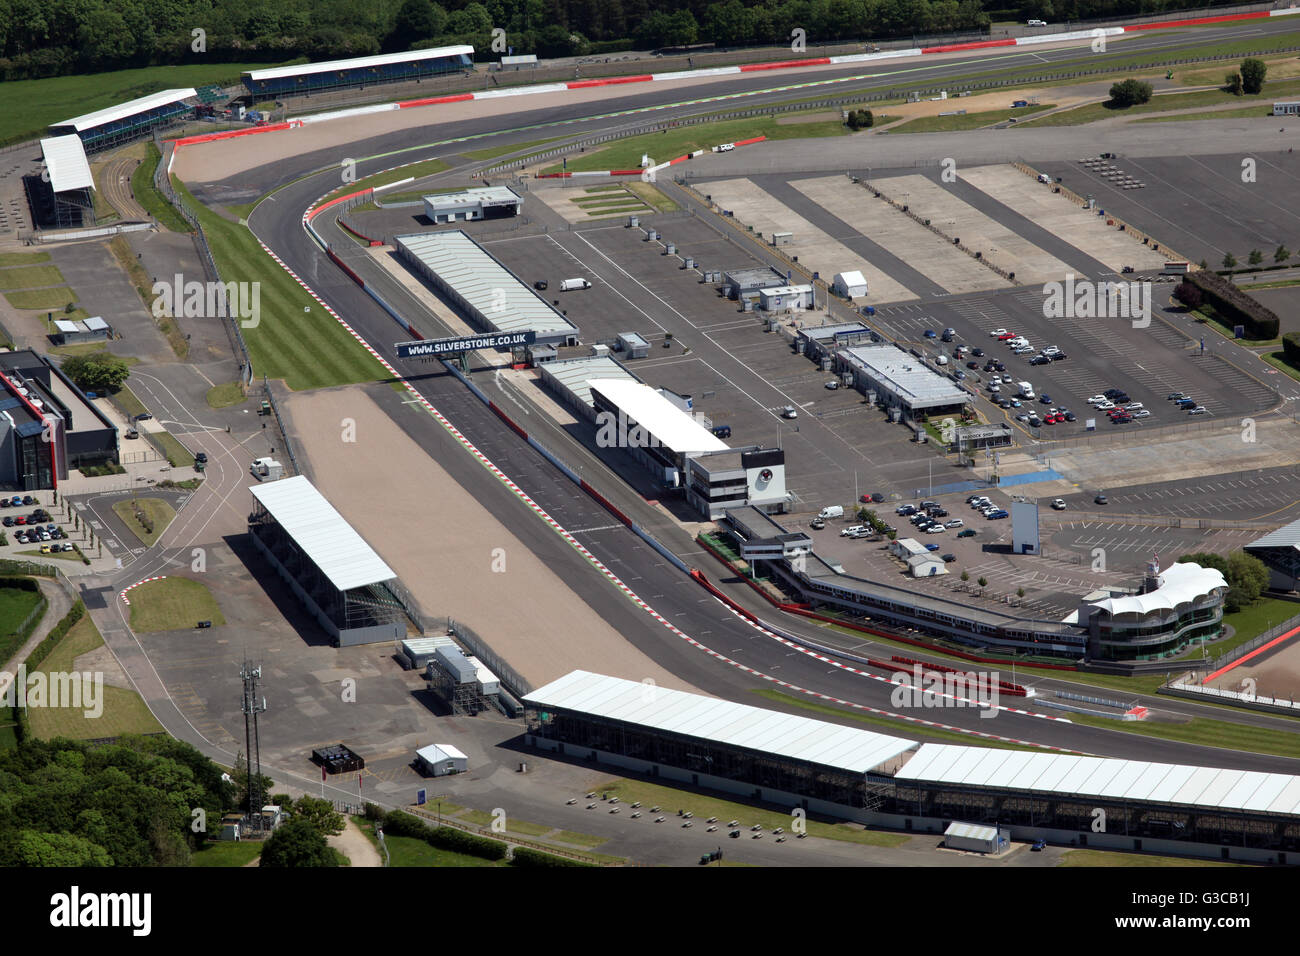 Circuito De Silverstone : Vista aérea de la recta final inicio línea de meta en el circuito de